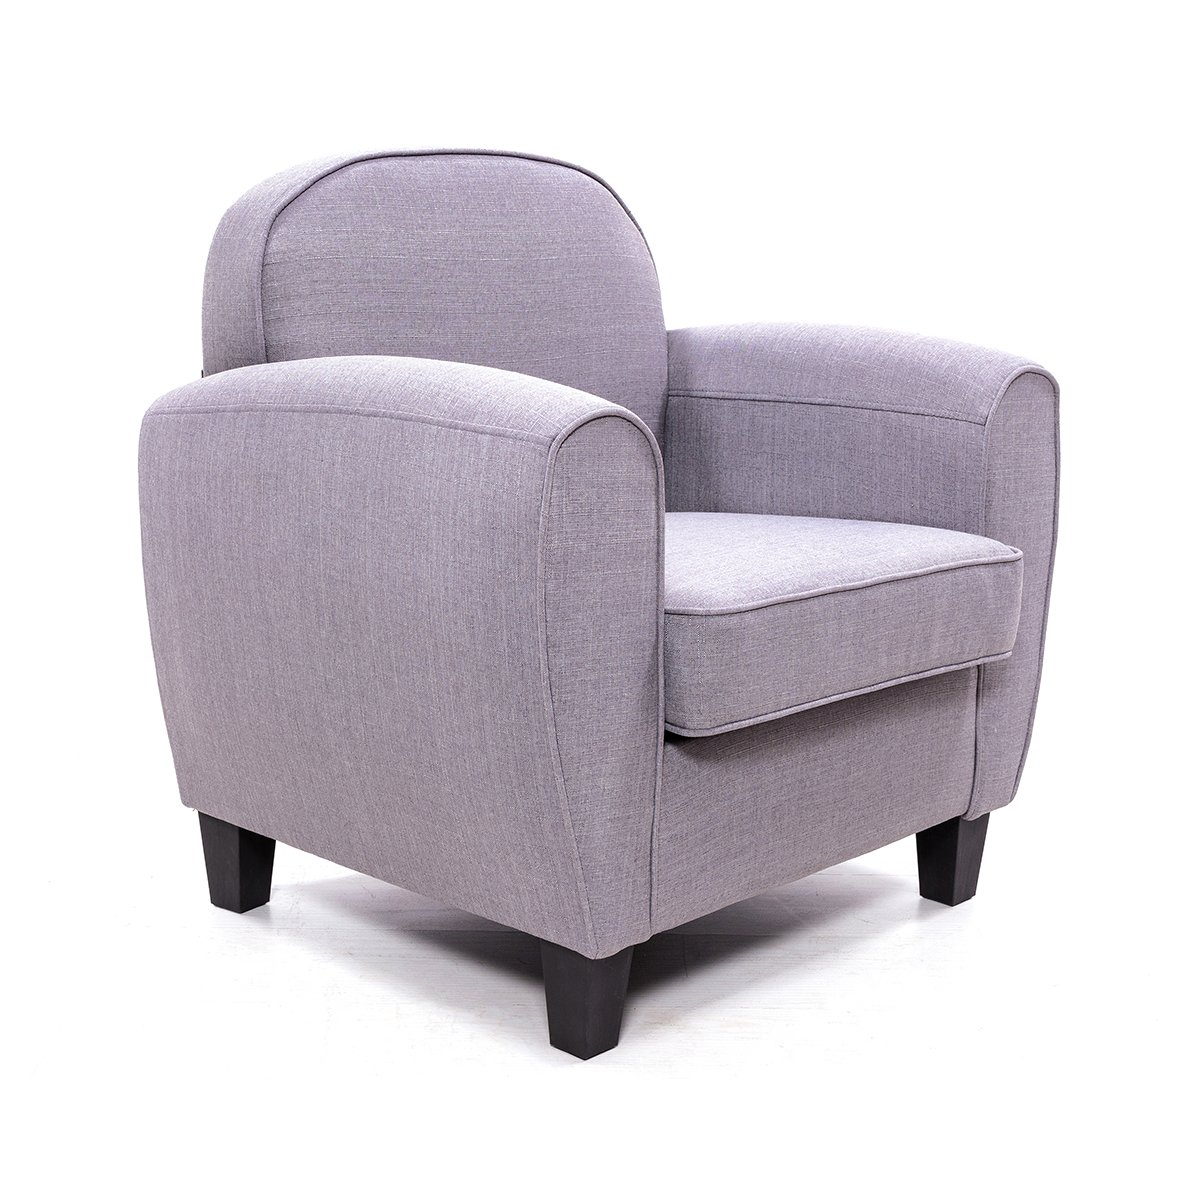 Panana Fauteuil en lin moderne gris de salle /à manger ou salon